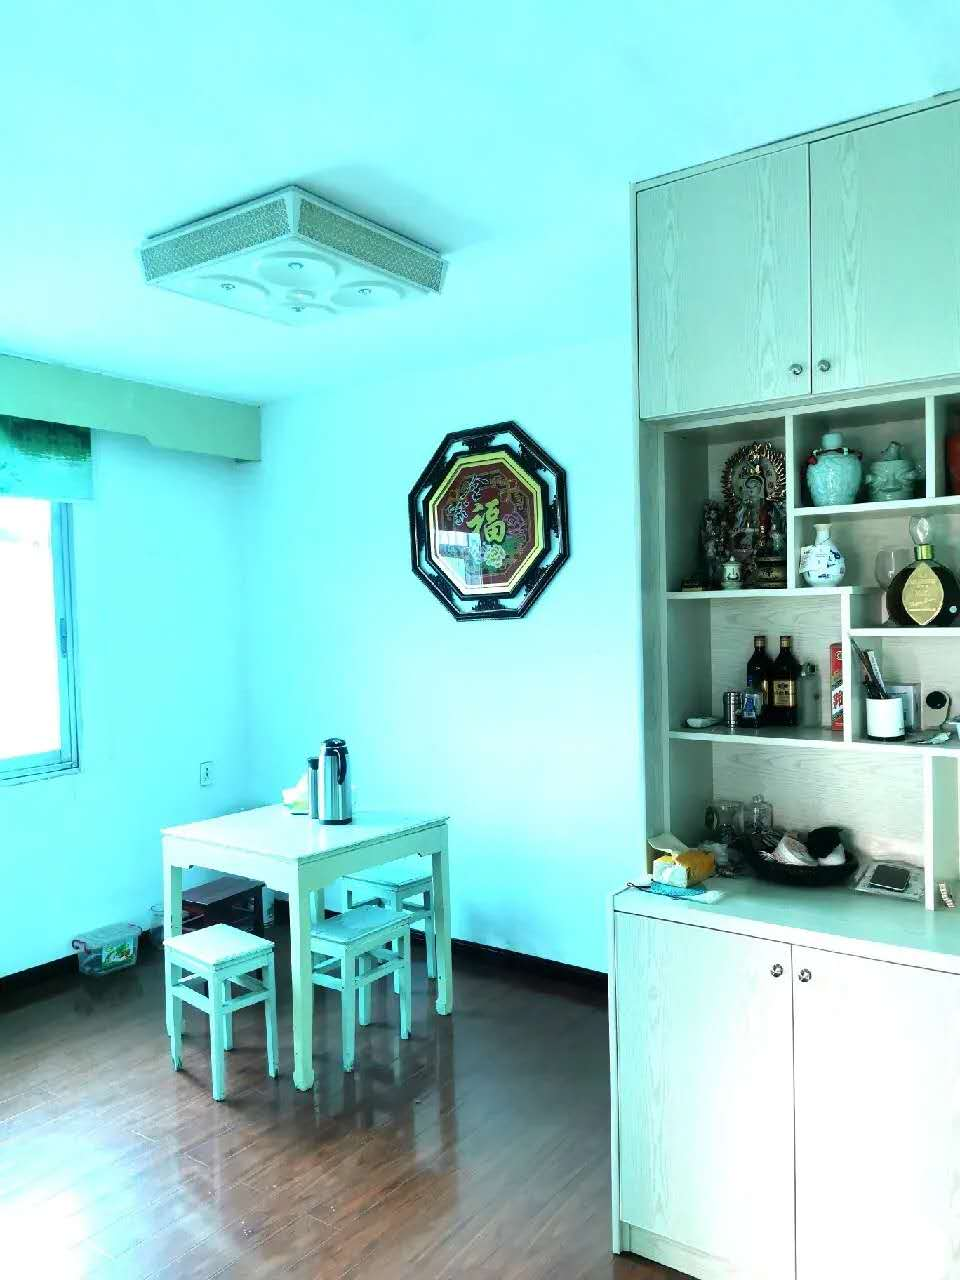 A09242出售江滨市场套房5楼,72平方,边套,江景房,两室一厅一厨一卫,精装修,有3台空调,带热水器油烟机,价格:51.5万